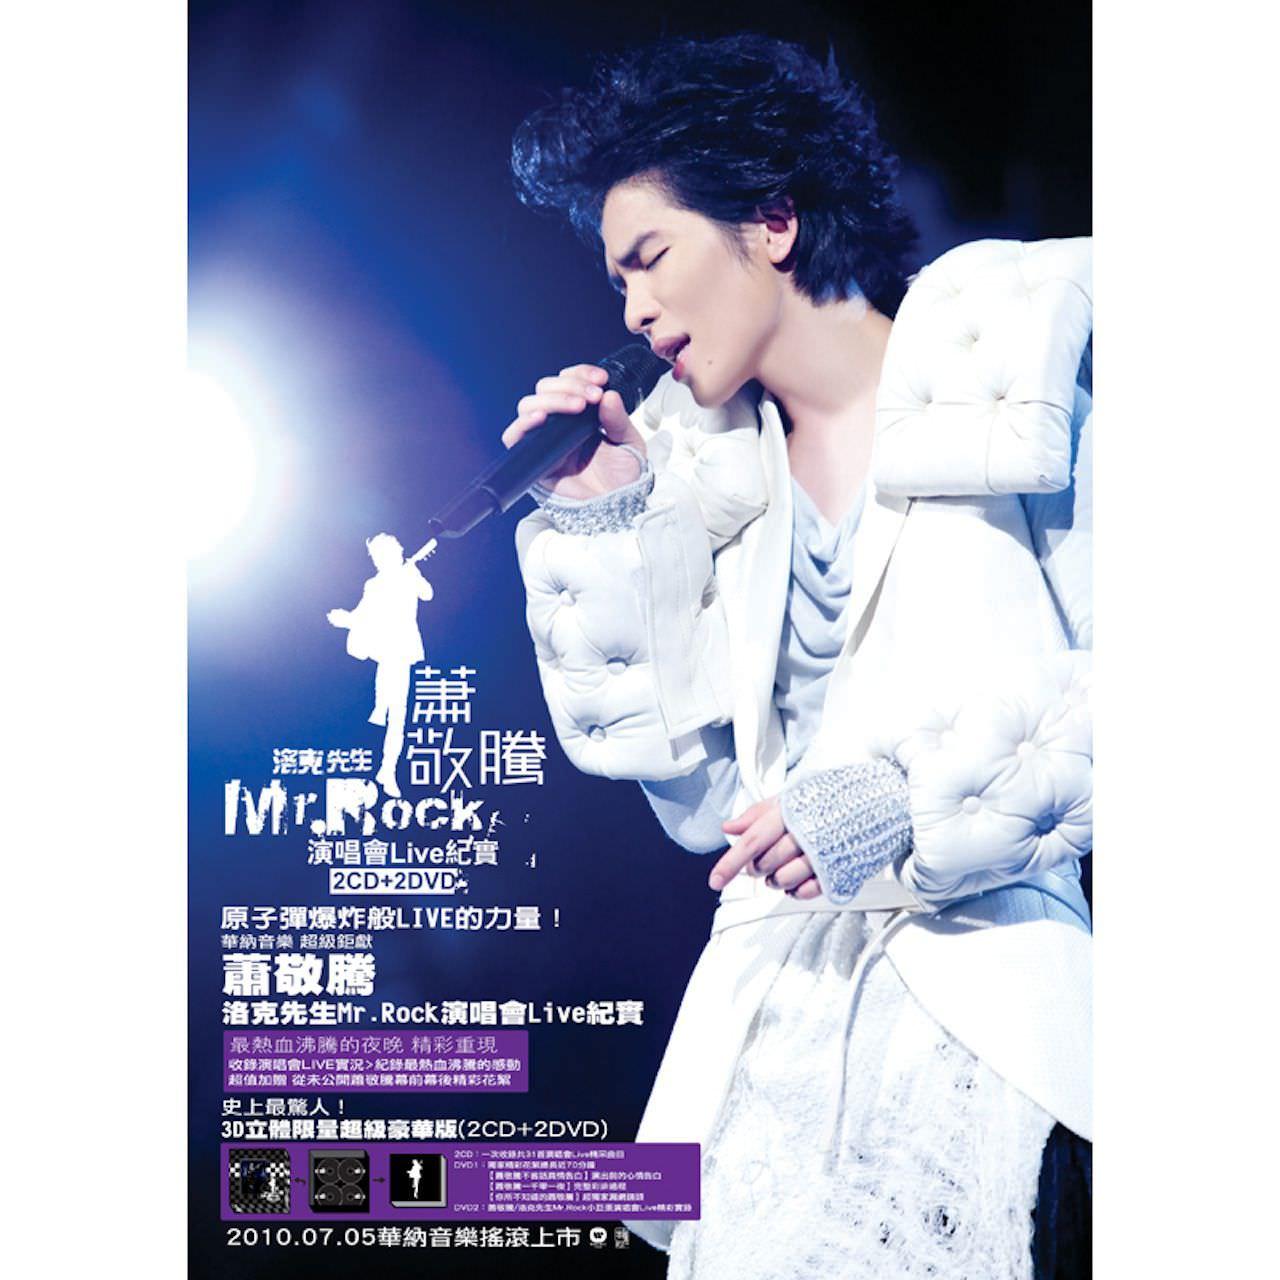 蕭敬騰-洛克先生演唱會專輯,iTunes 31 首只賣 180 元